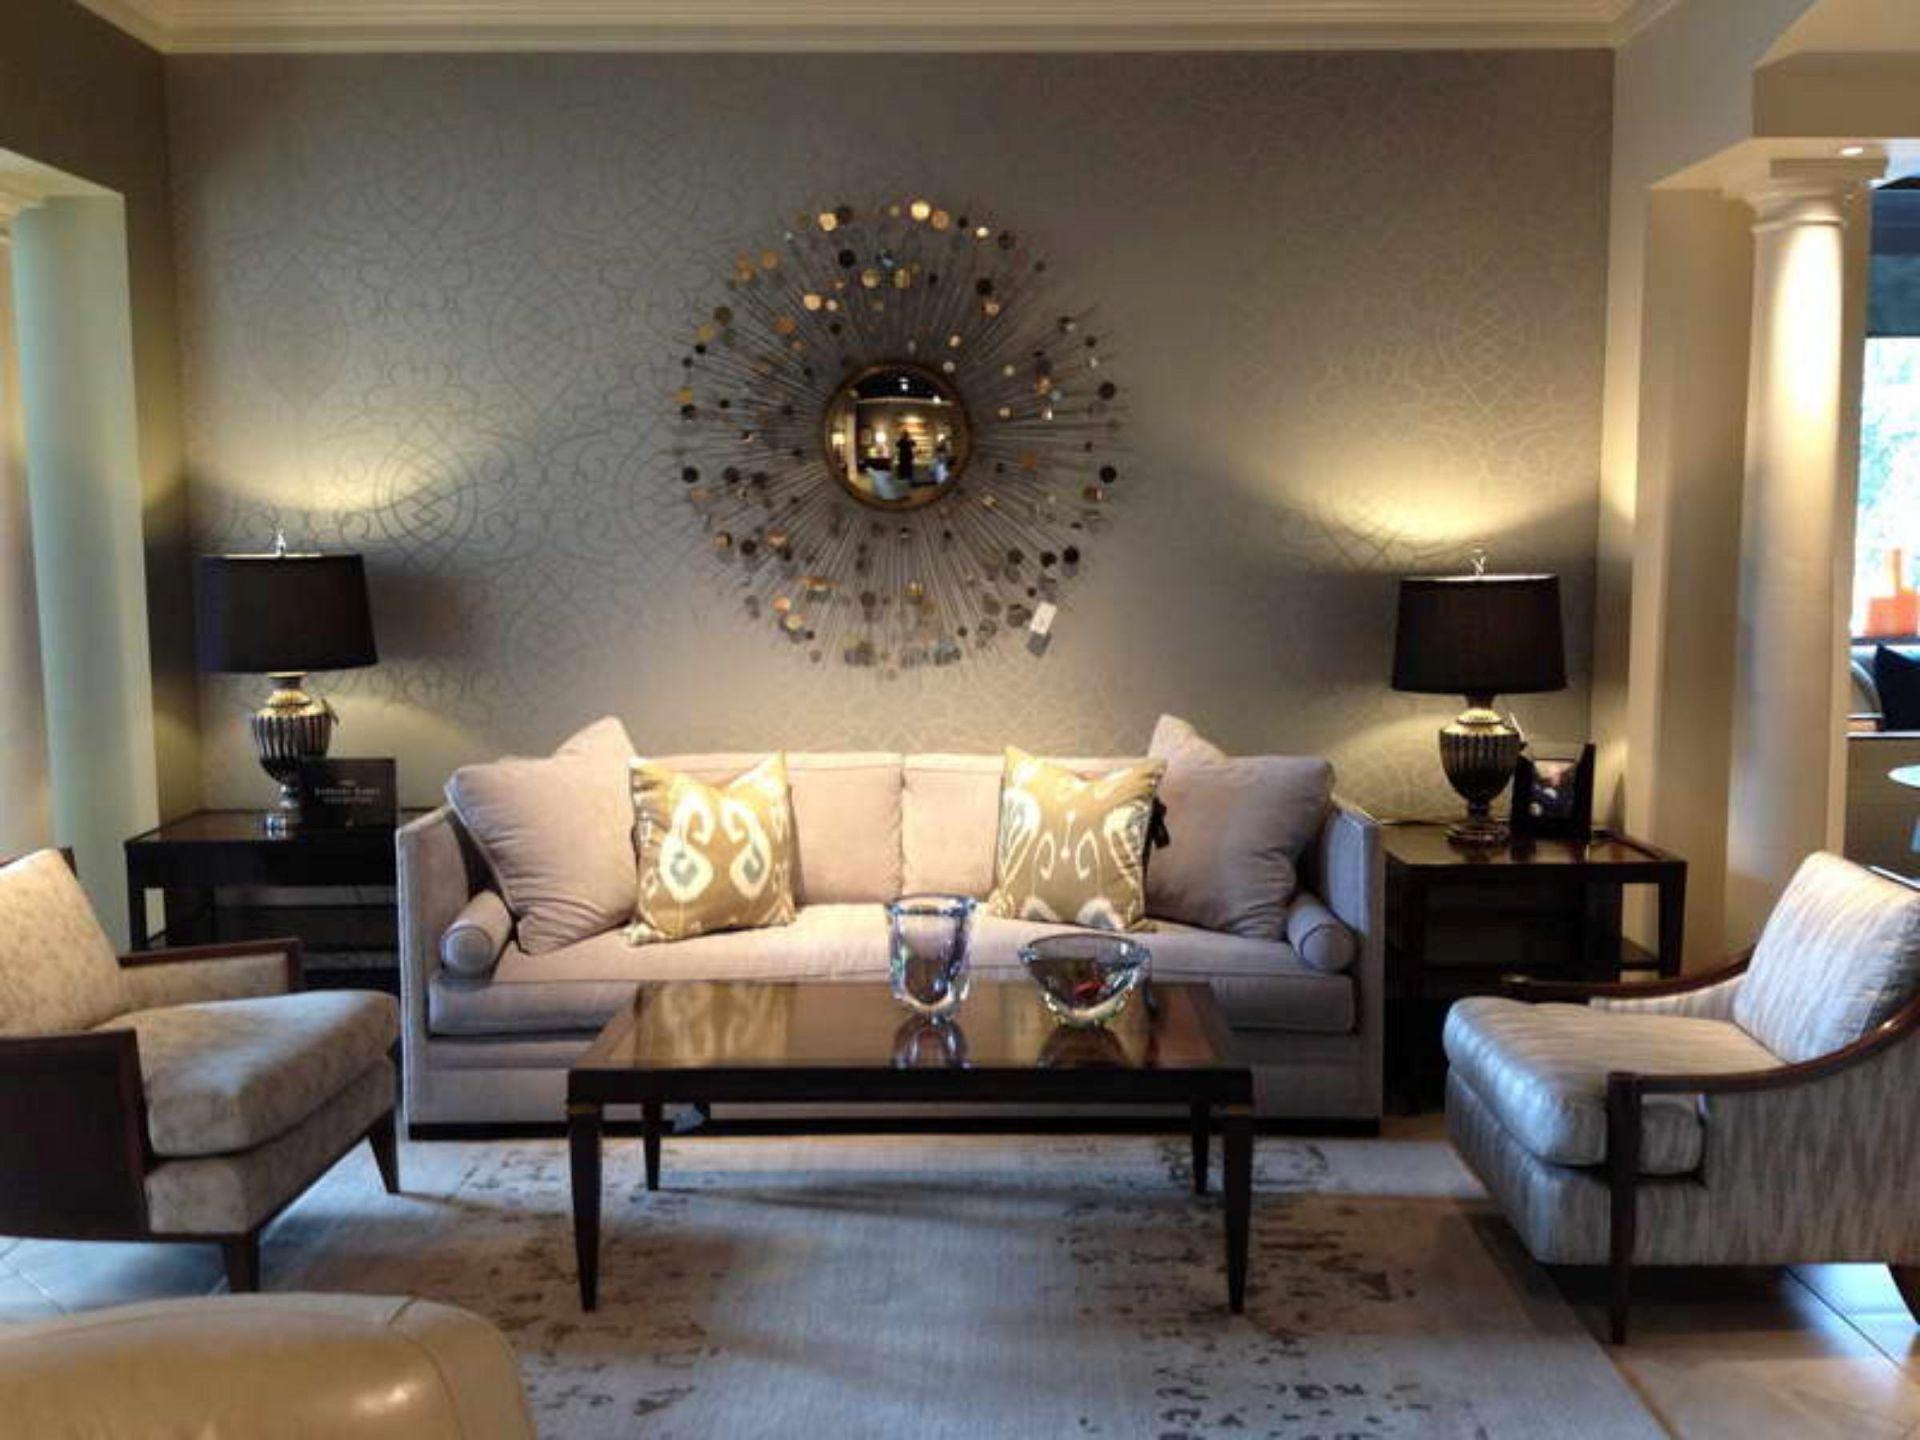 Adorable diy modern wall decor